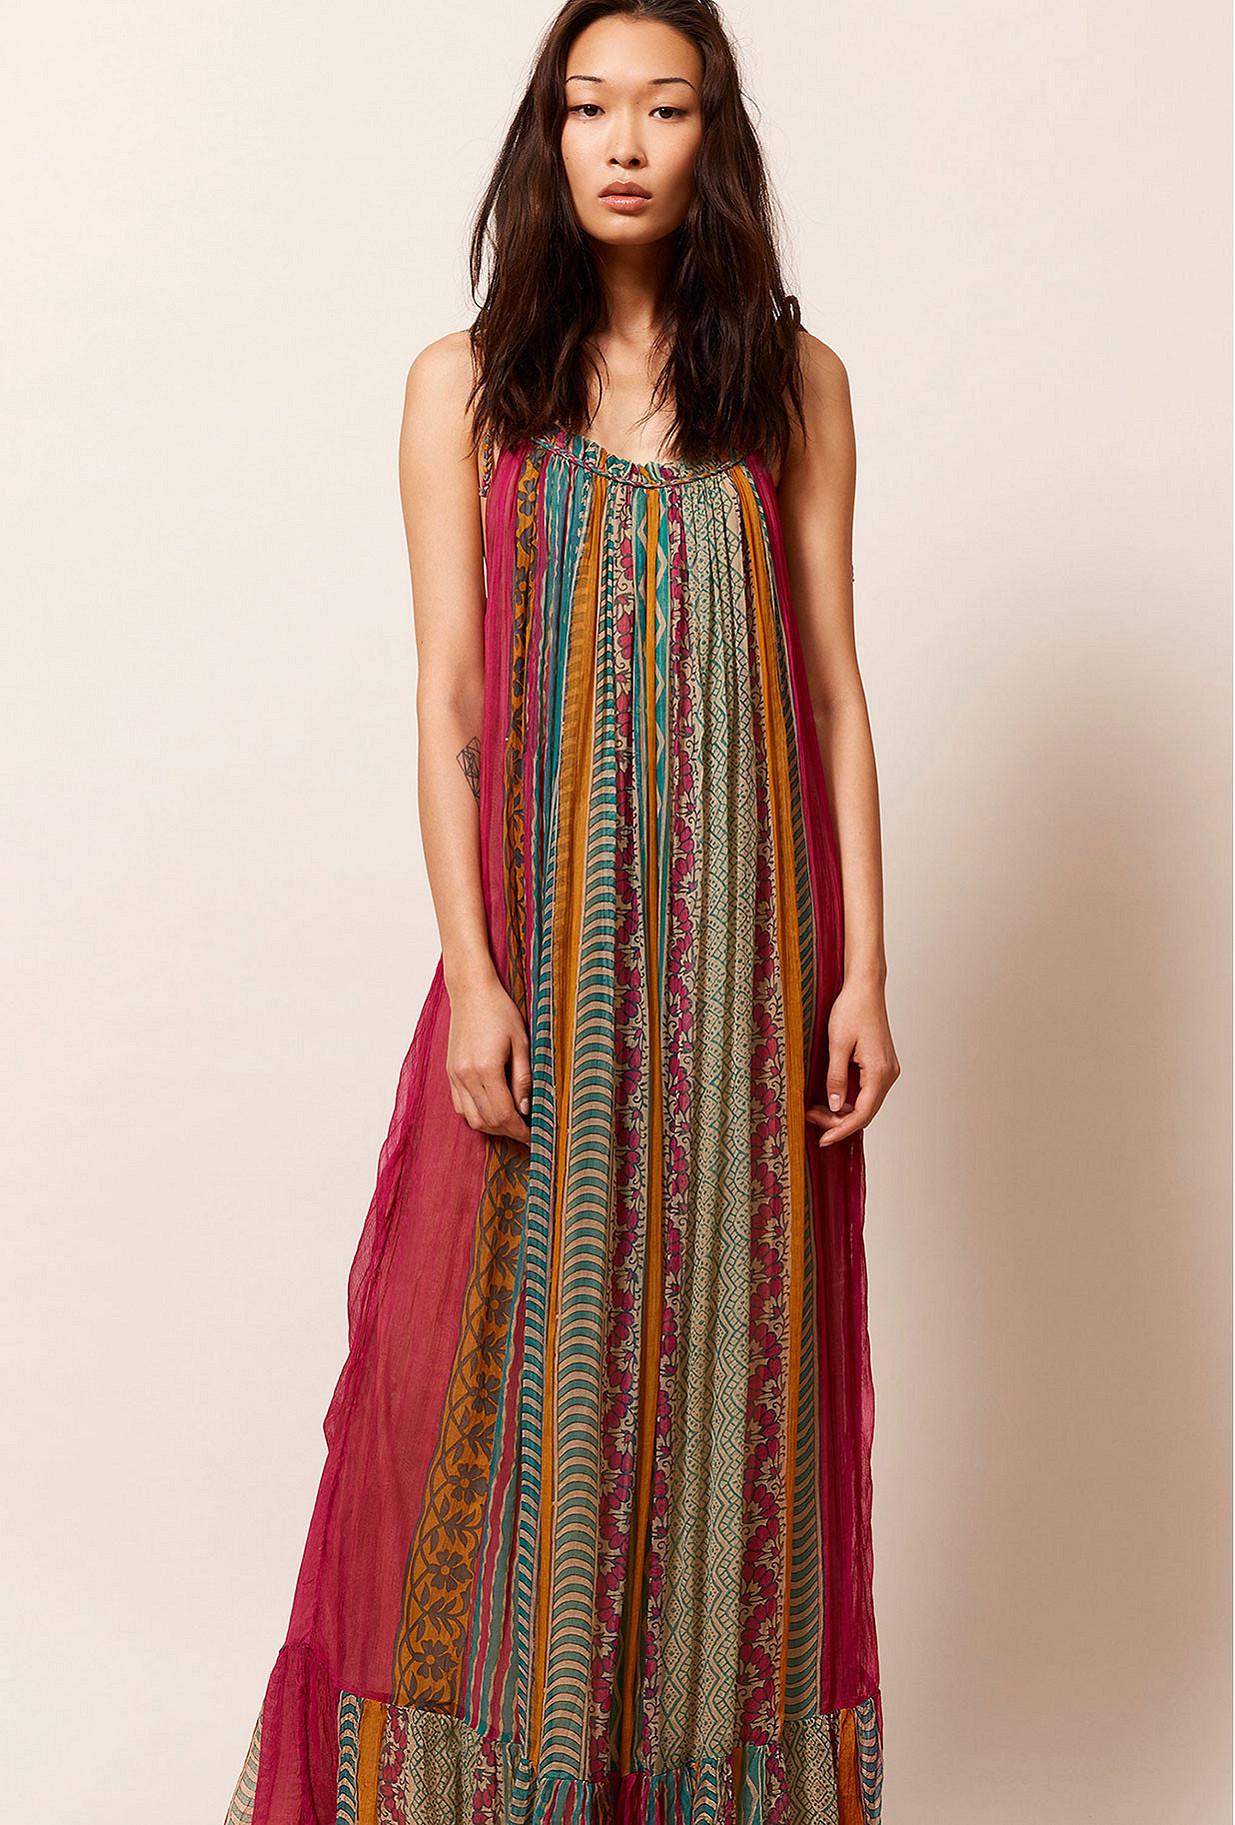 Color stripe  Dress  Guadalupe Mes demoiselles fashion clothes designer Paris